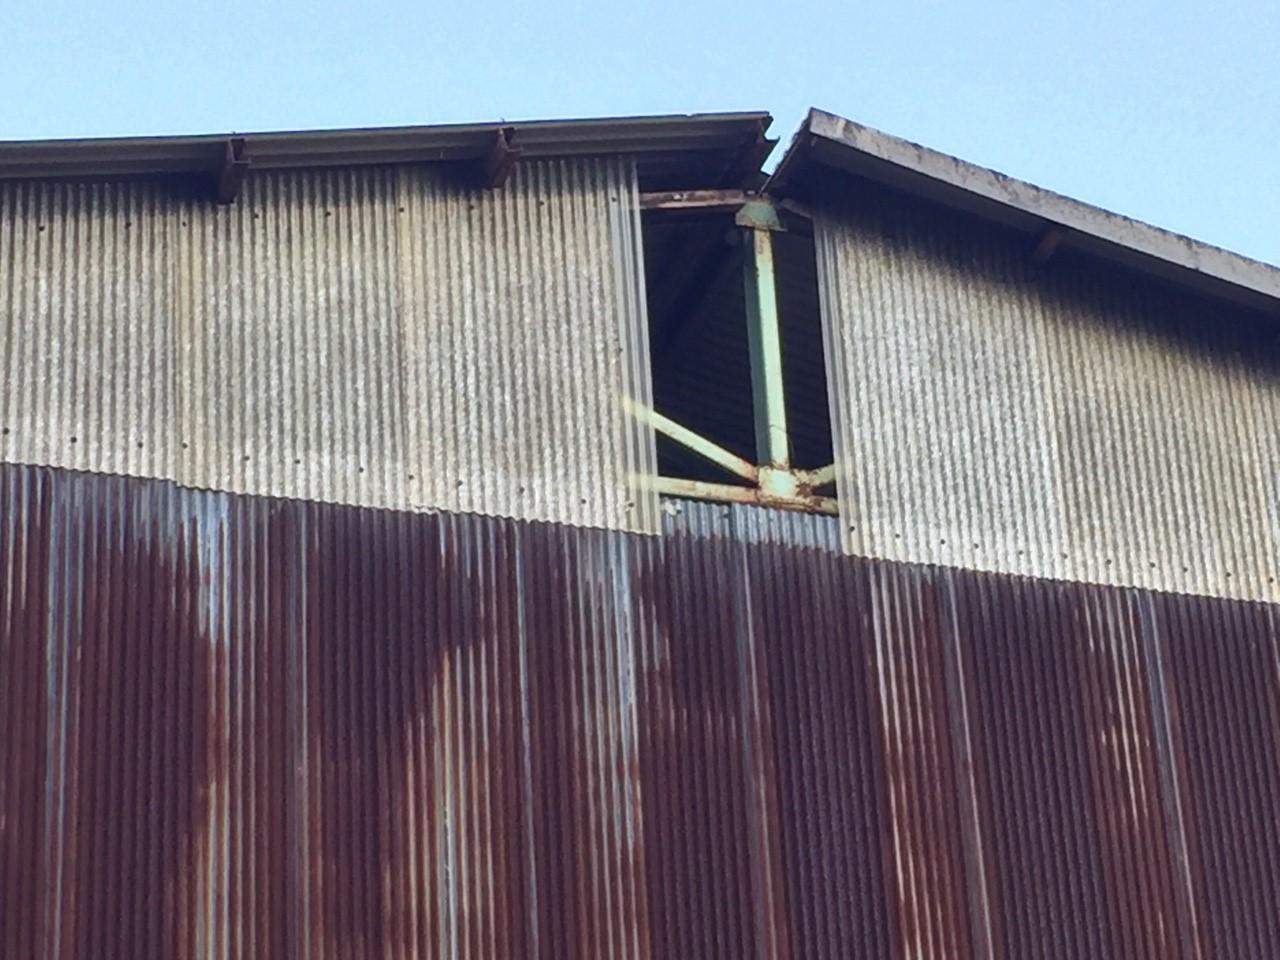 佐倉市|スレート屋根倉庫の棟板金飛散と雨漏り